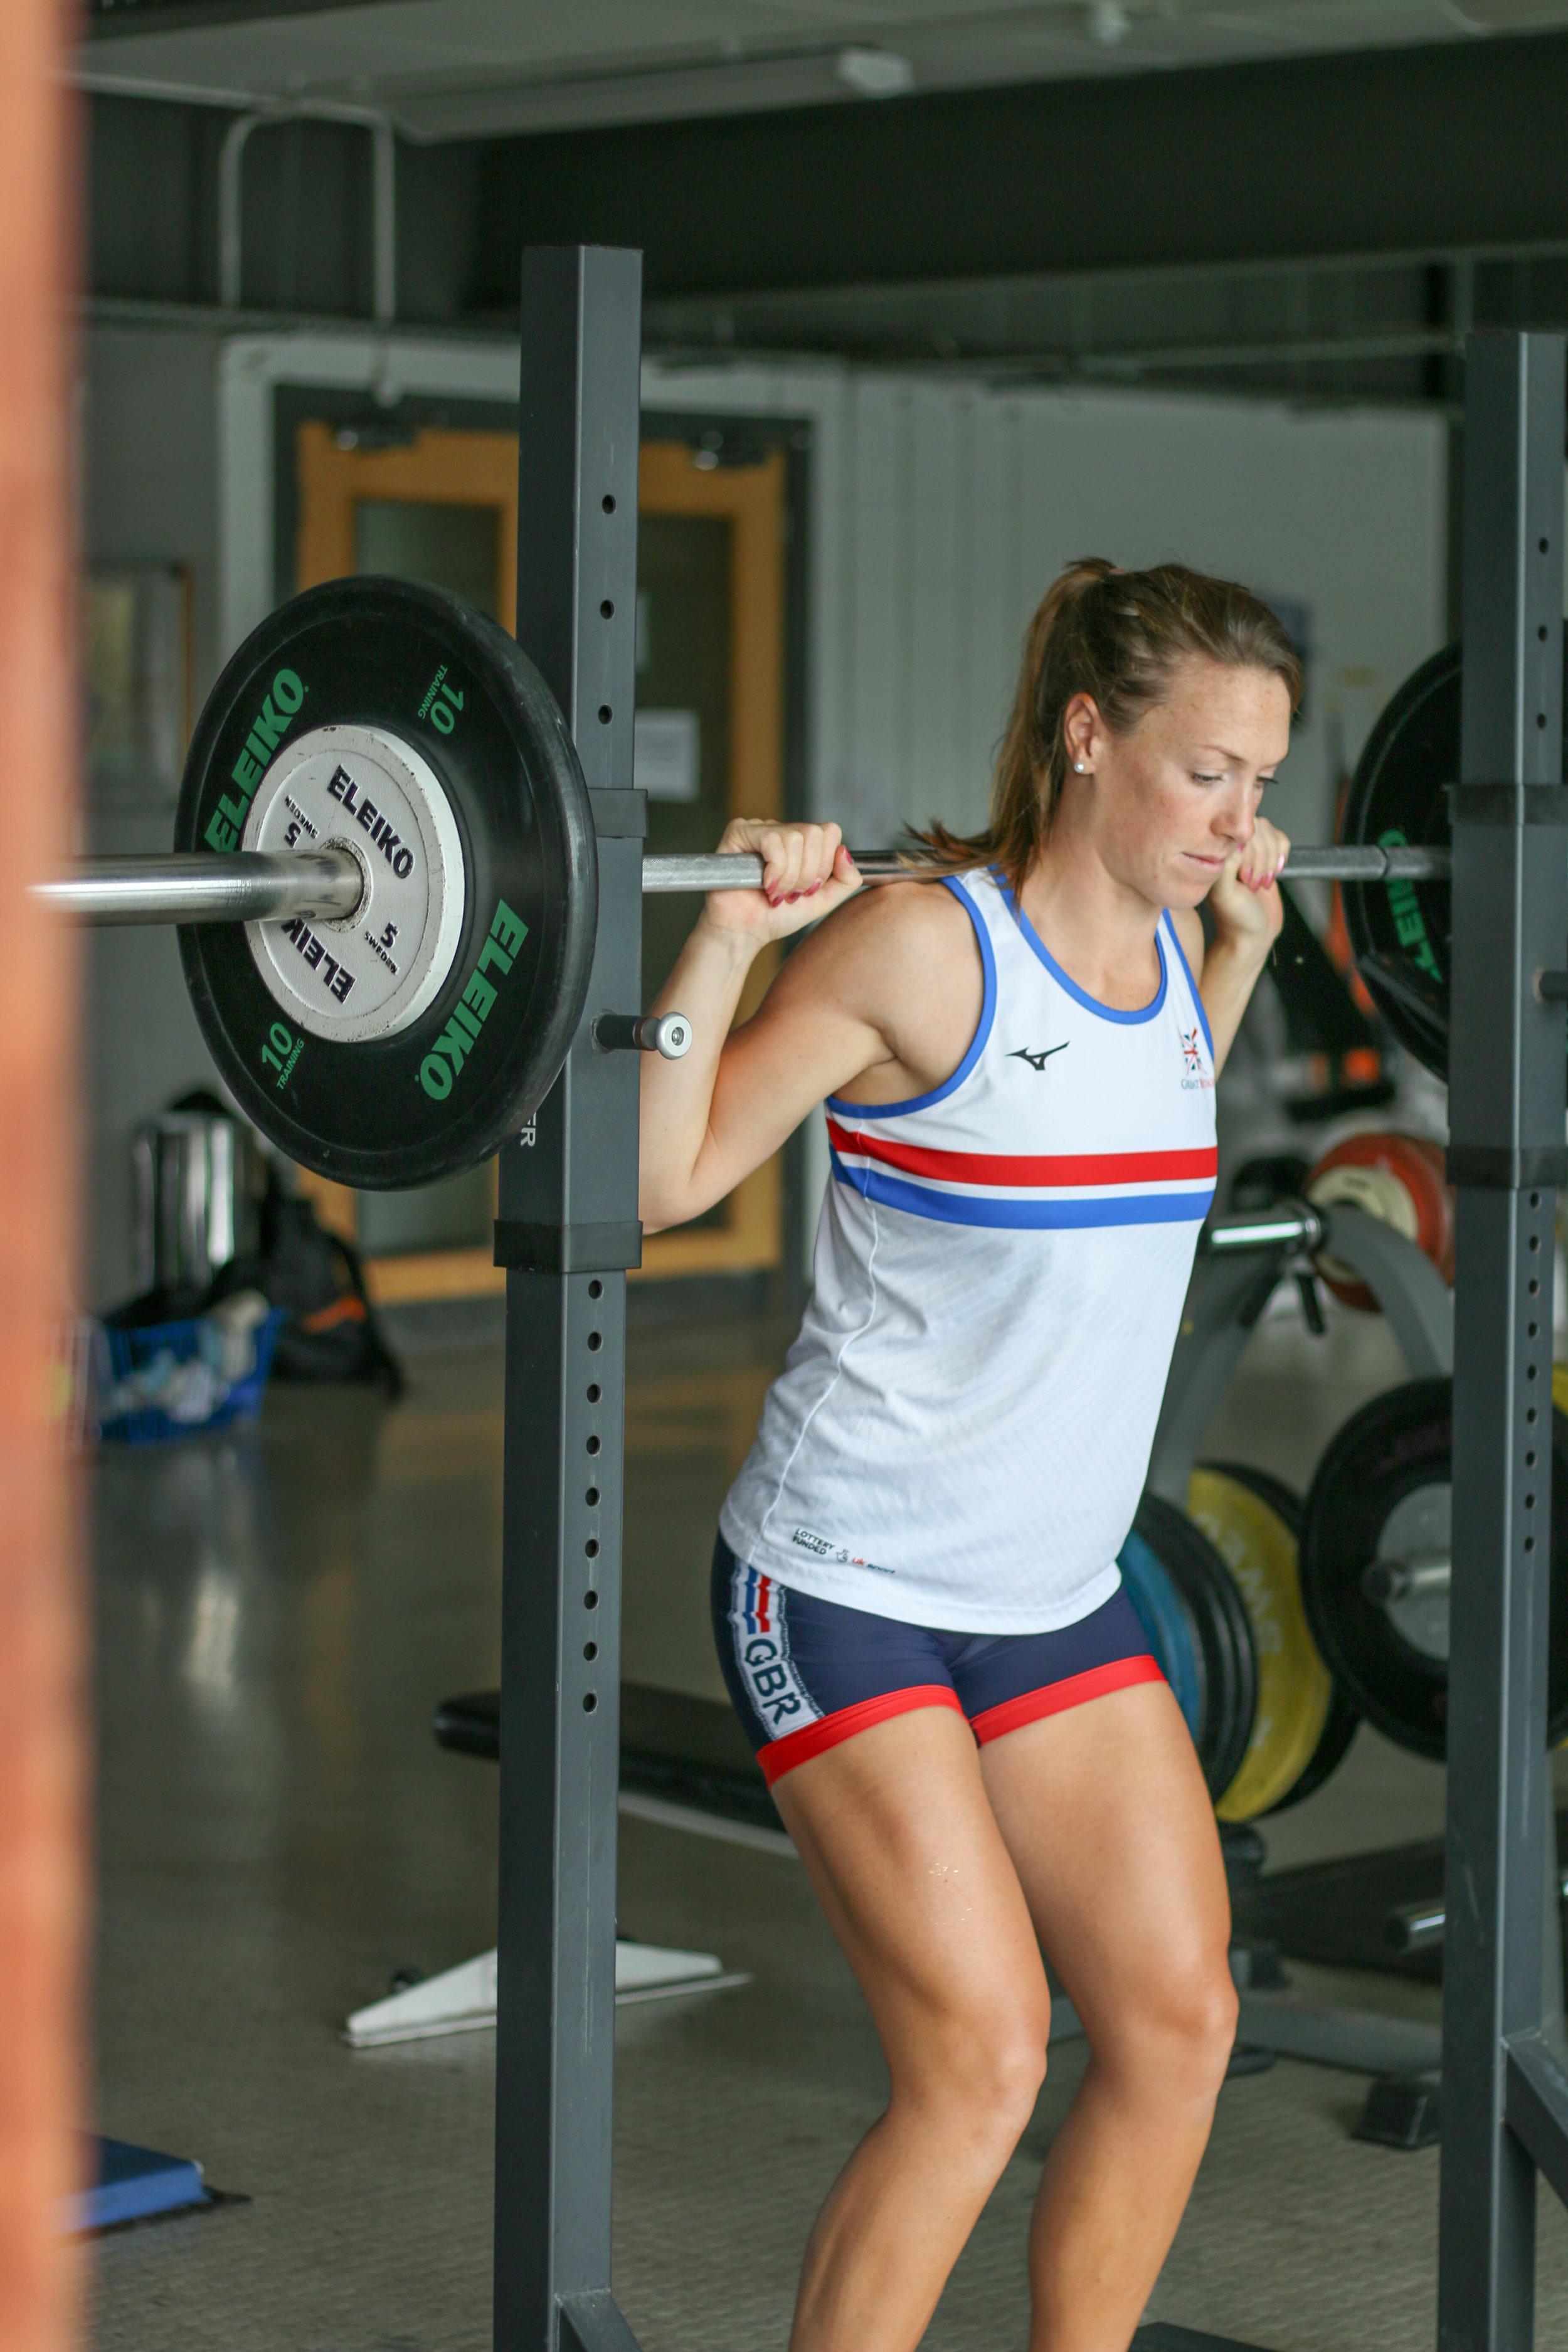 womens-sport-karen-bennett-rowing-athlete04.jpg